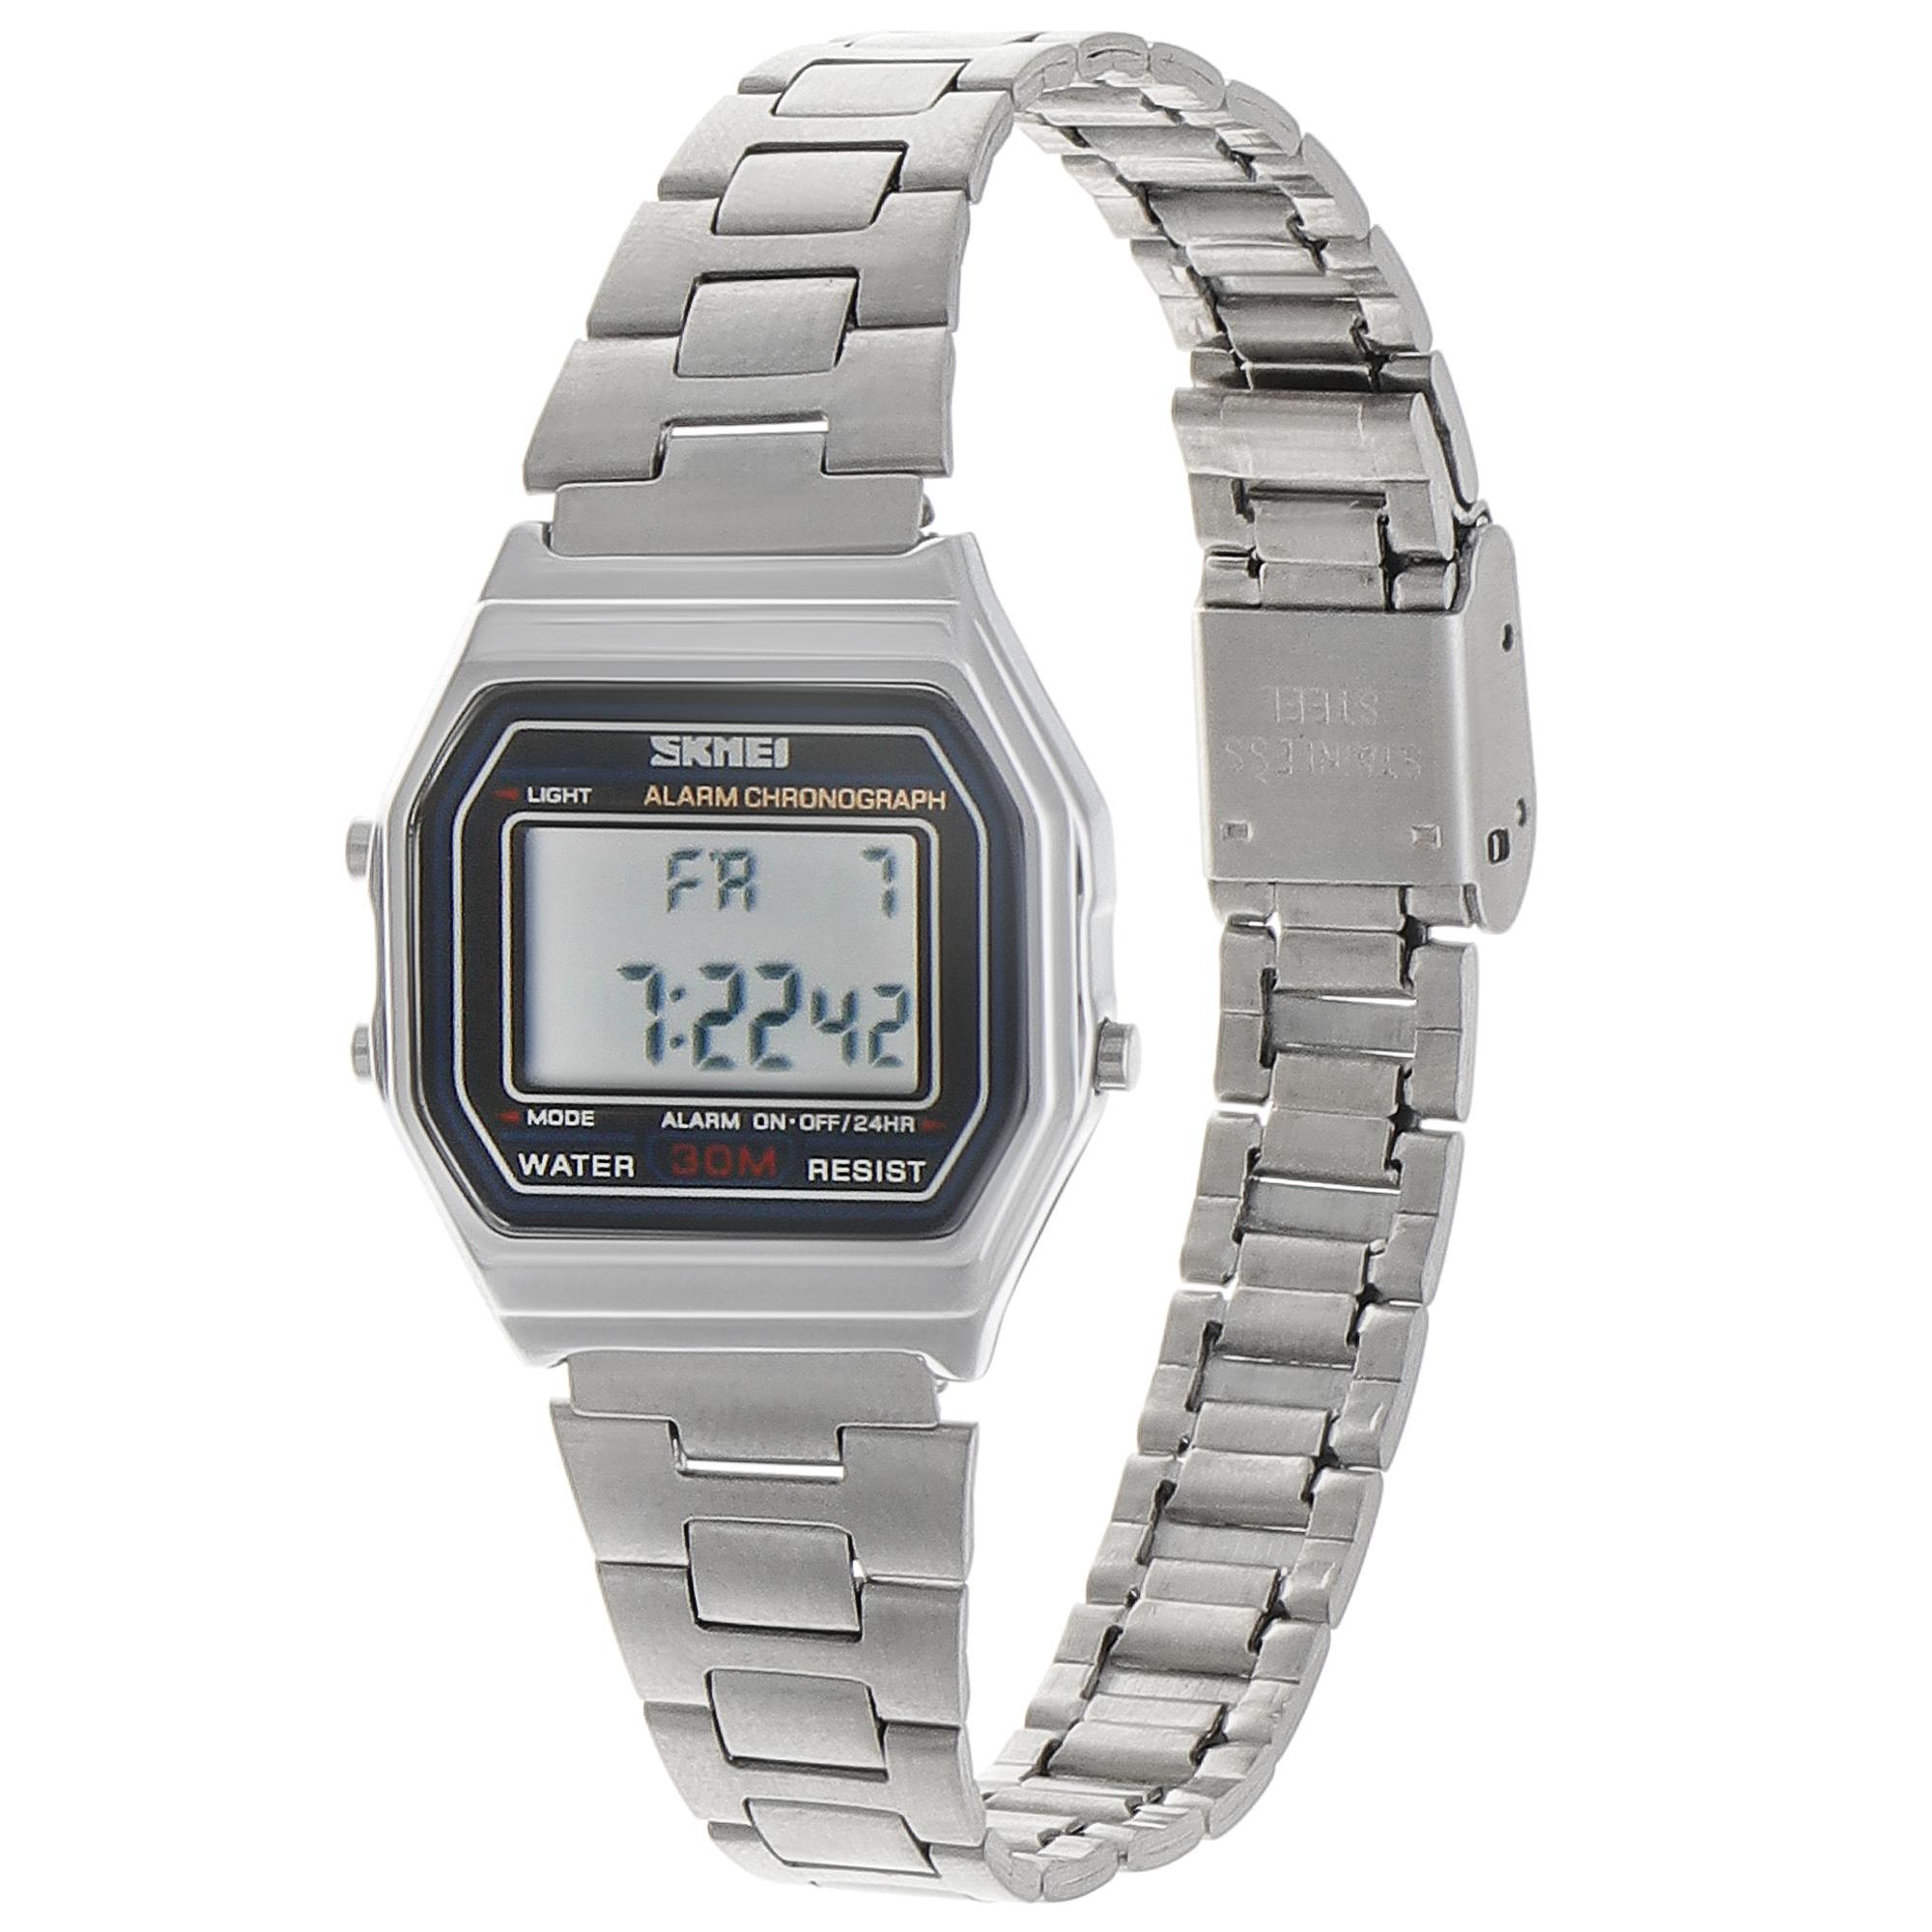 Часы наручные SKMEI SKMD4419 часы наручные shiyi watch skmei skmb041902g